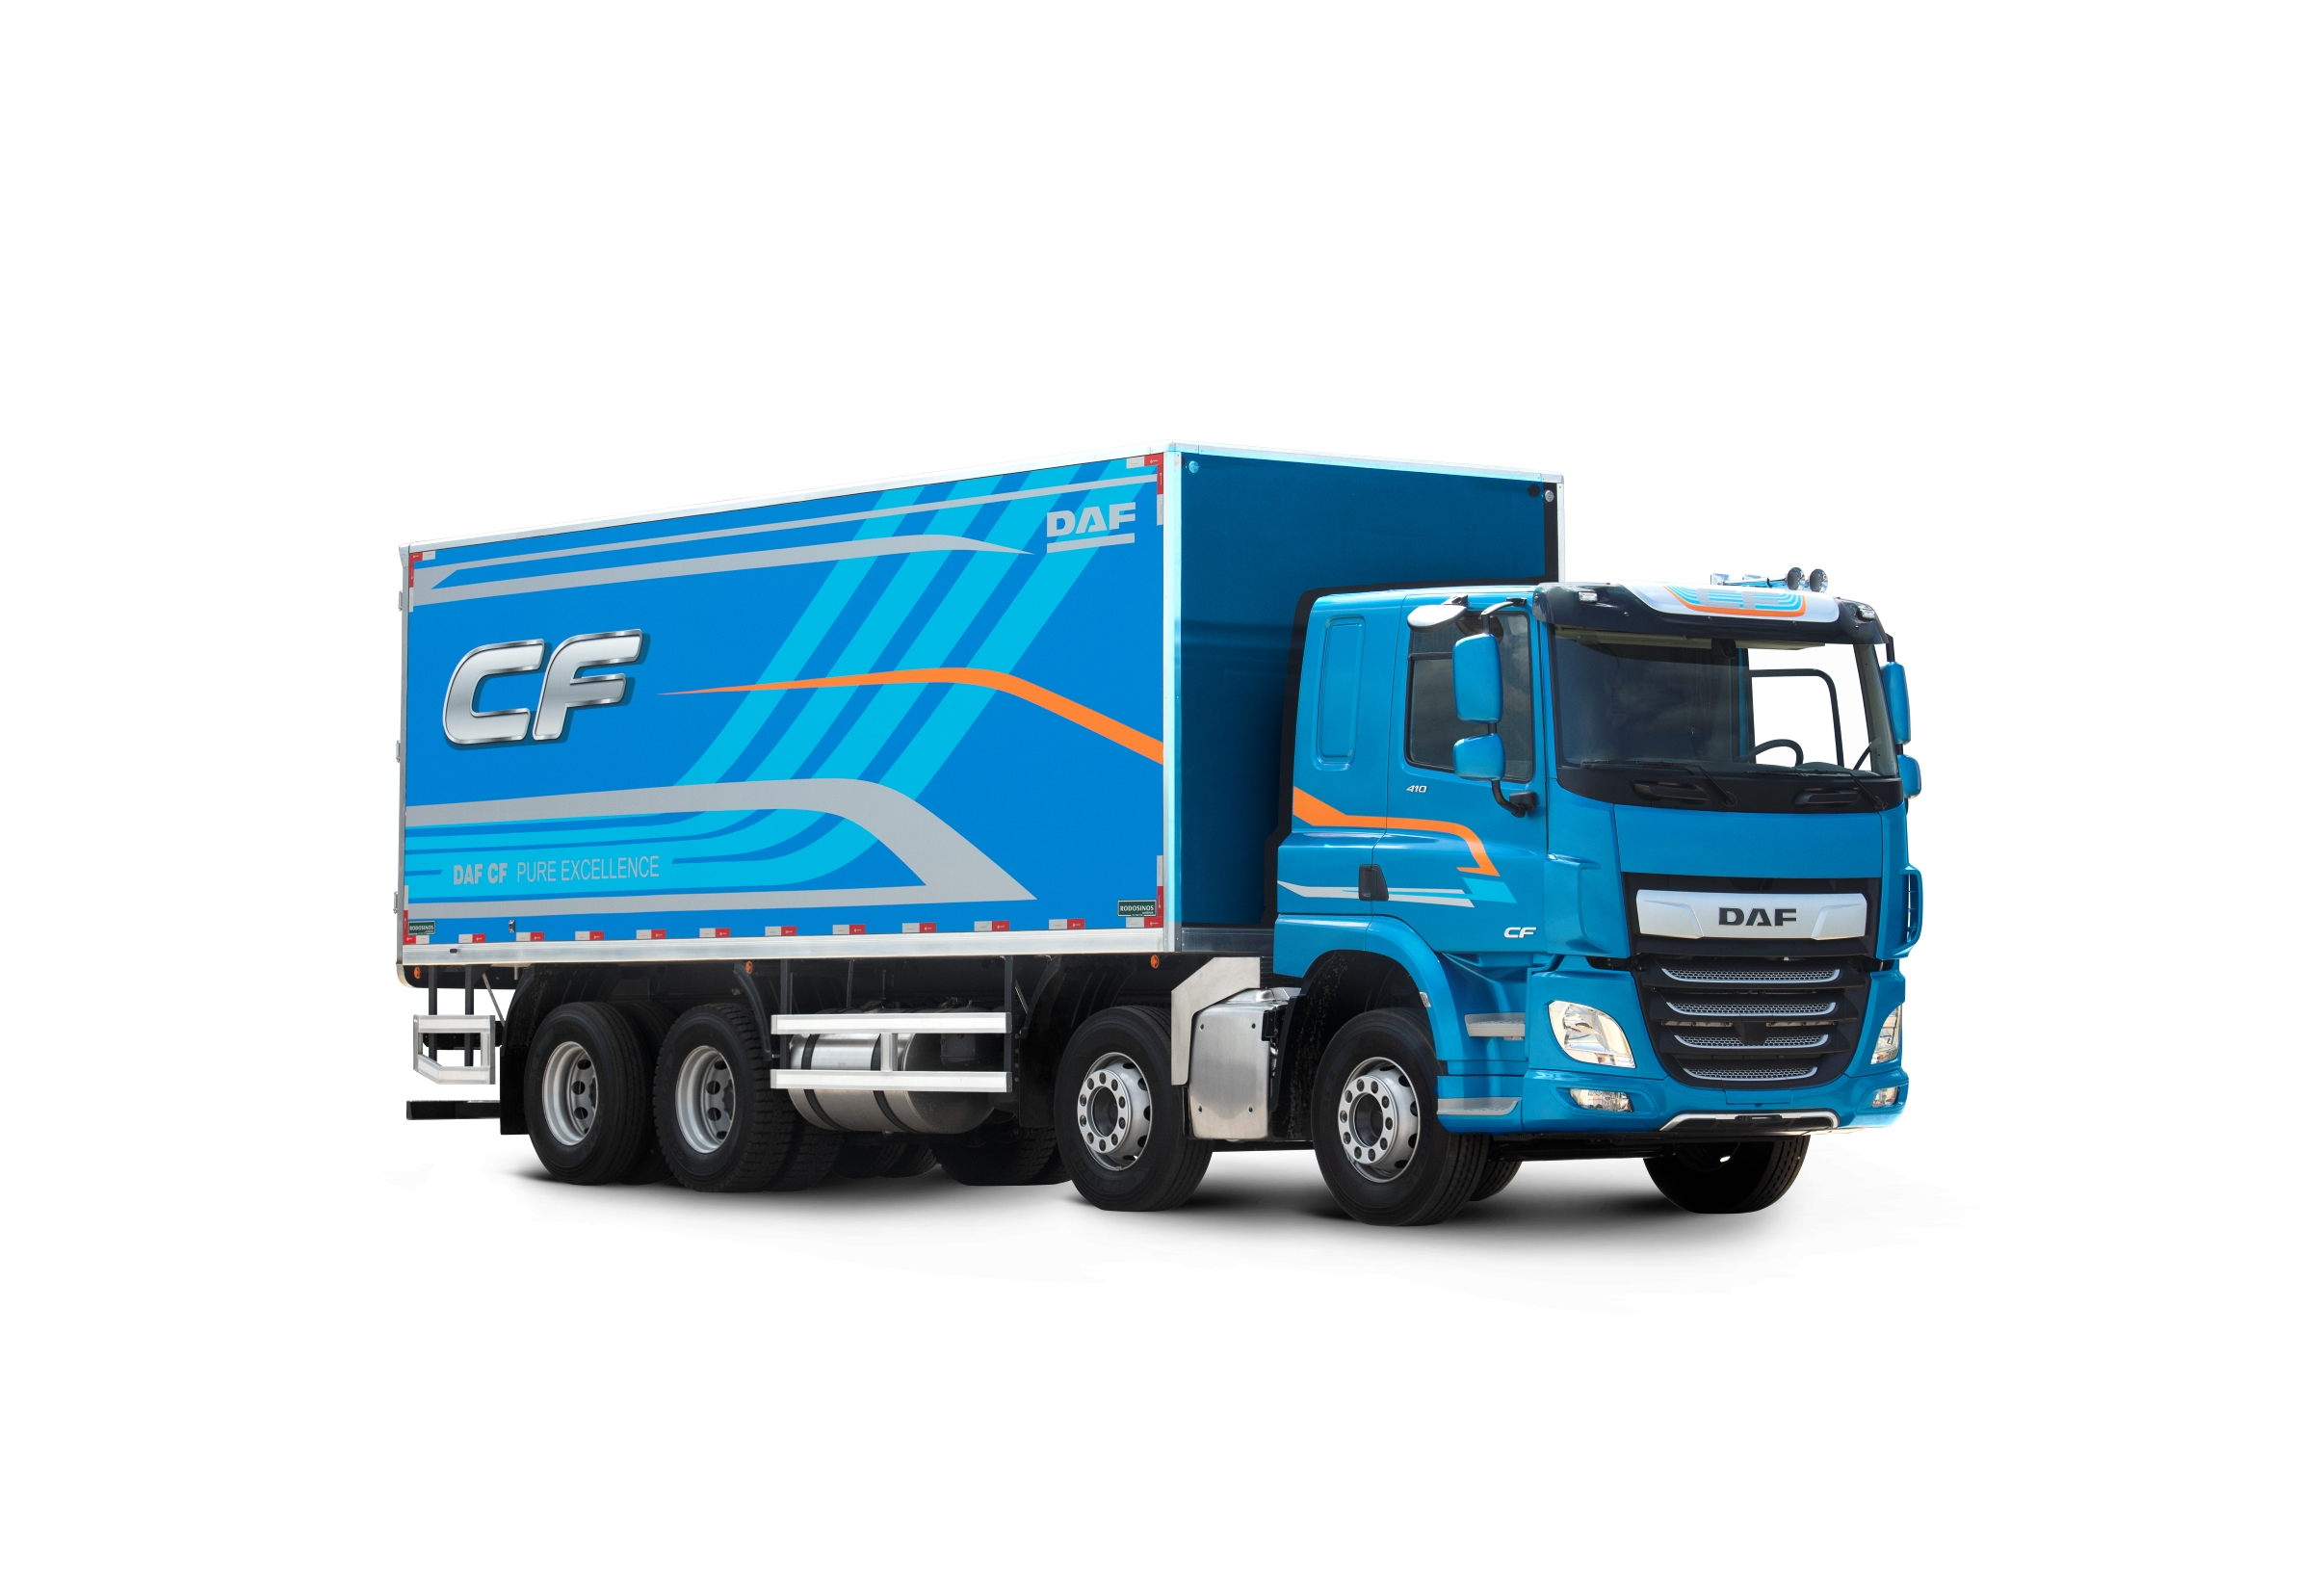 DAF Caminhões Brasil apresenta a nova linha CF